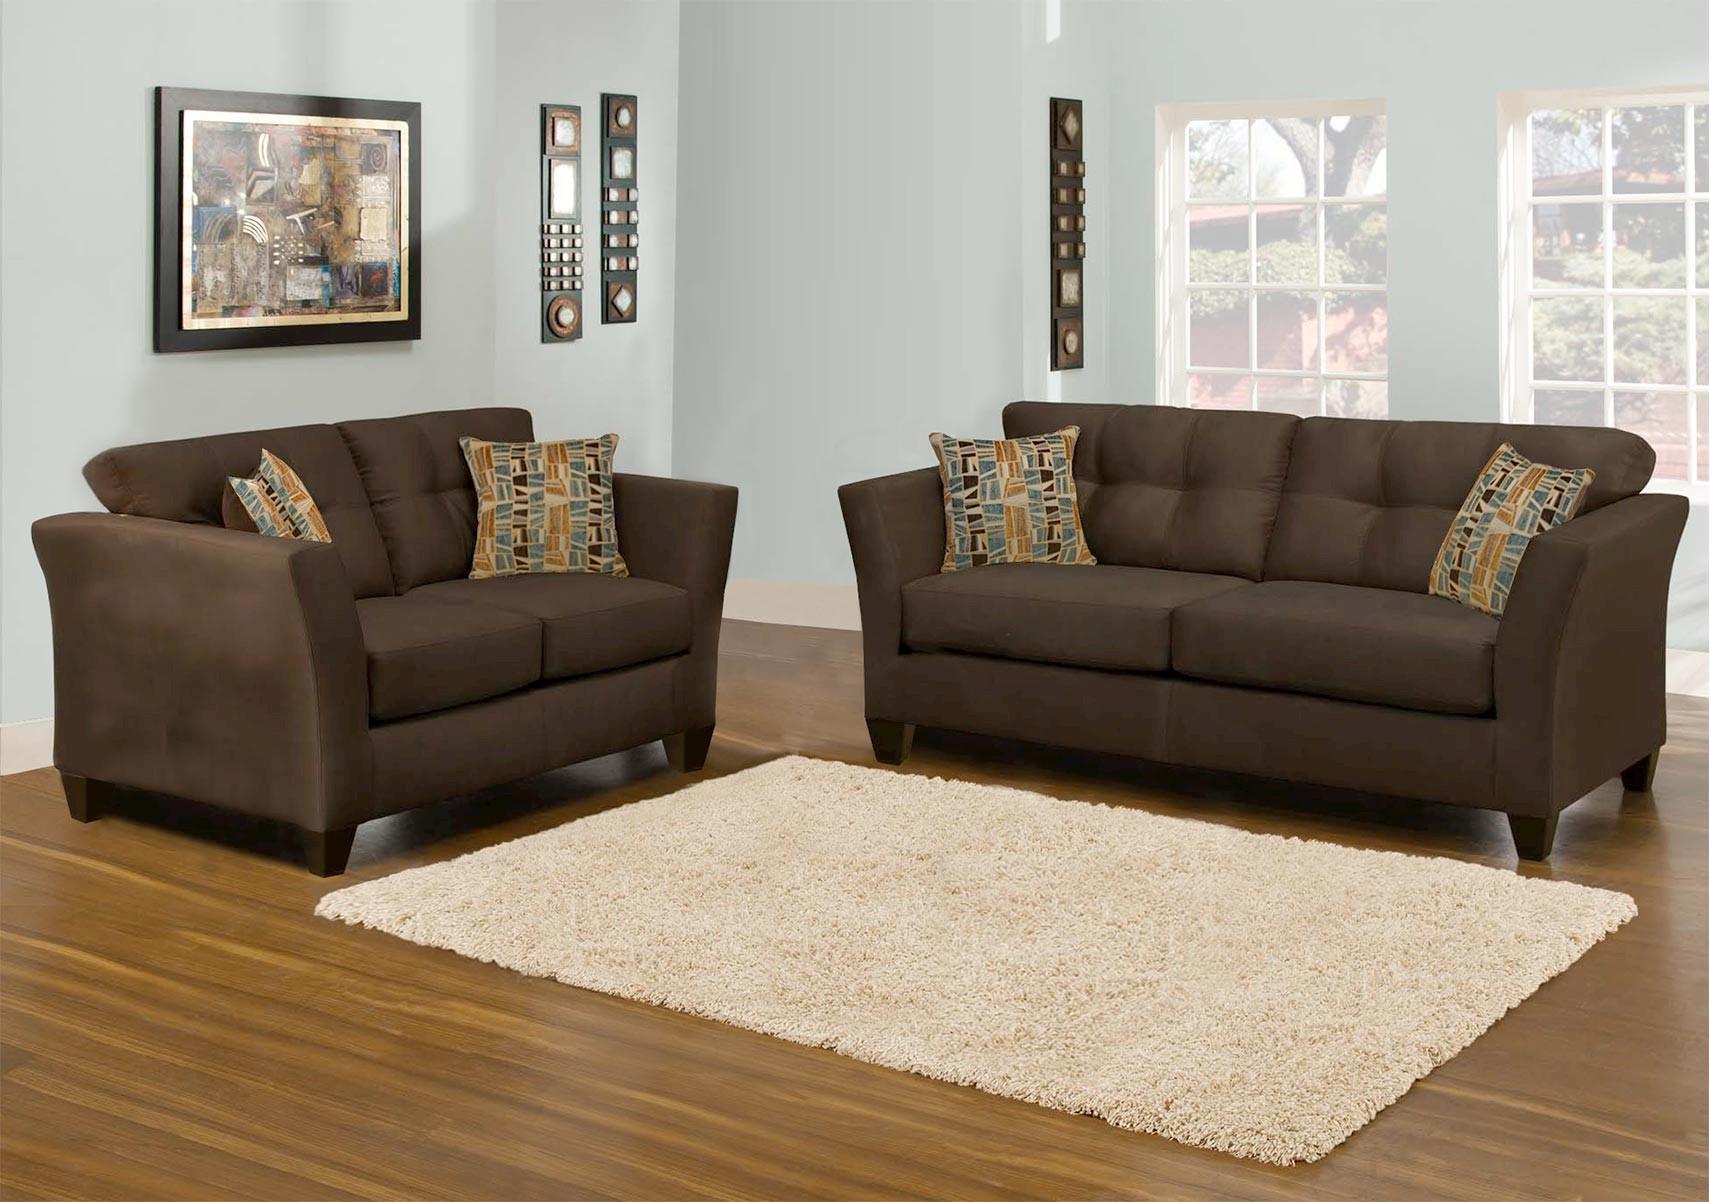 lovely living room ideas mink sofa light of dining room